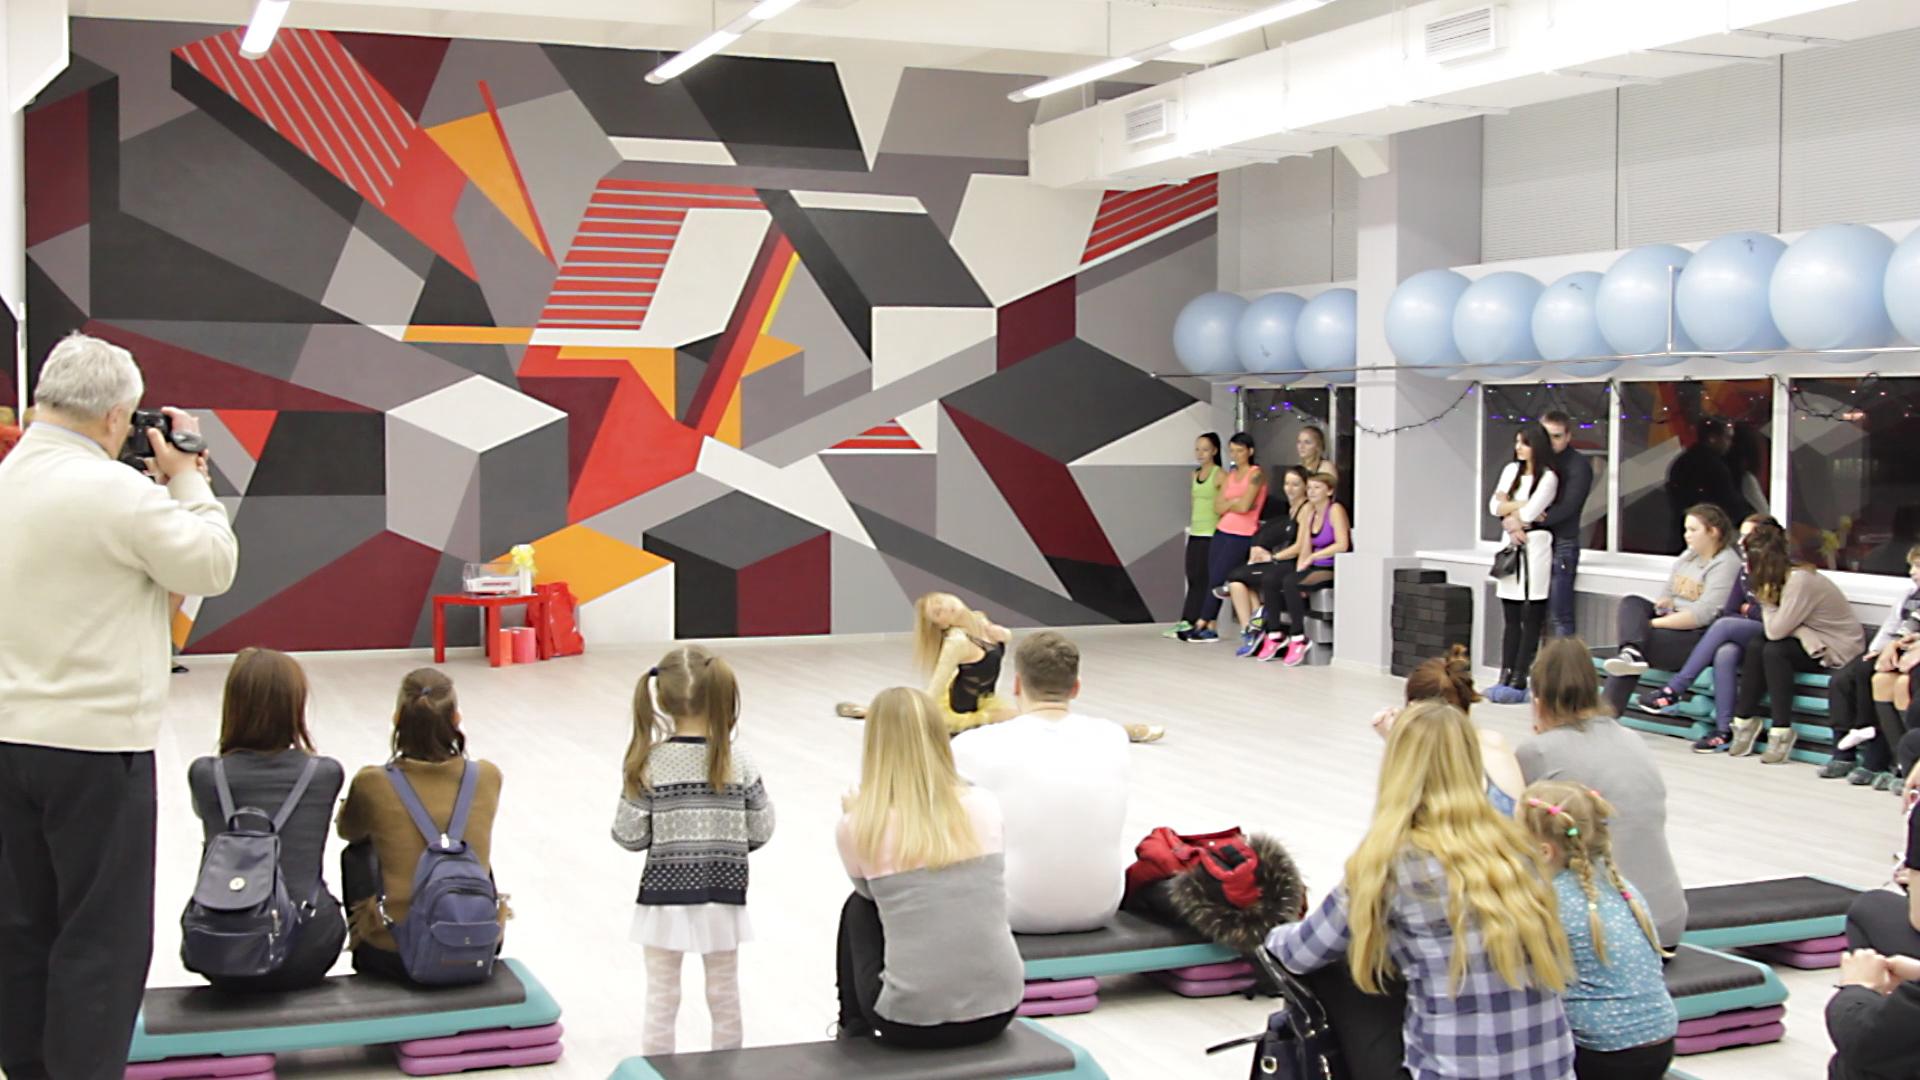 геометрическая яркая роспись стен спортзала